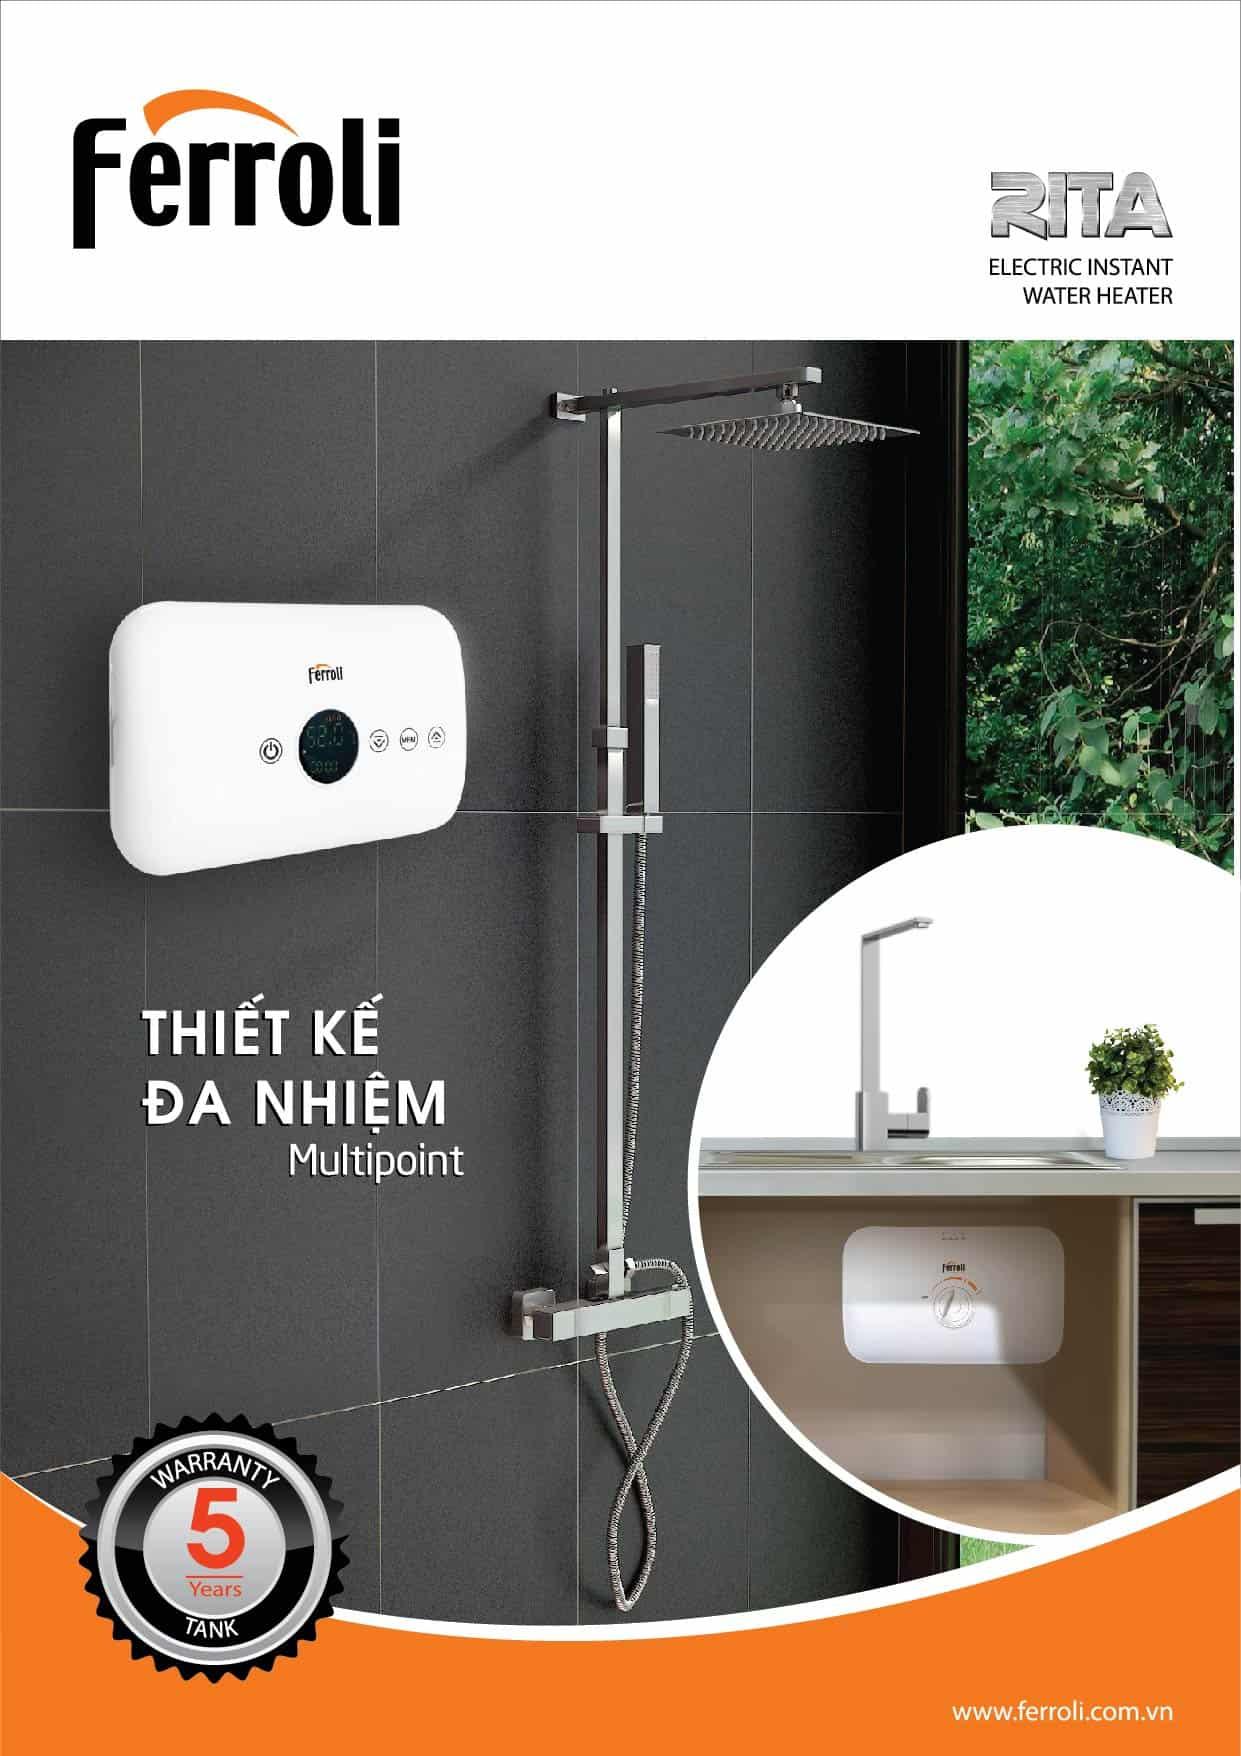 Bình nước nóng Ferroli Rita – sản phẩm tiện dụng dành cho phòng bếp và phòng tắm